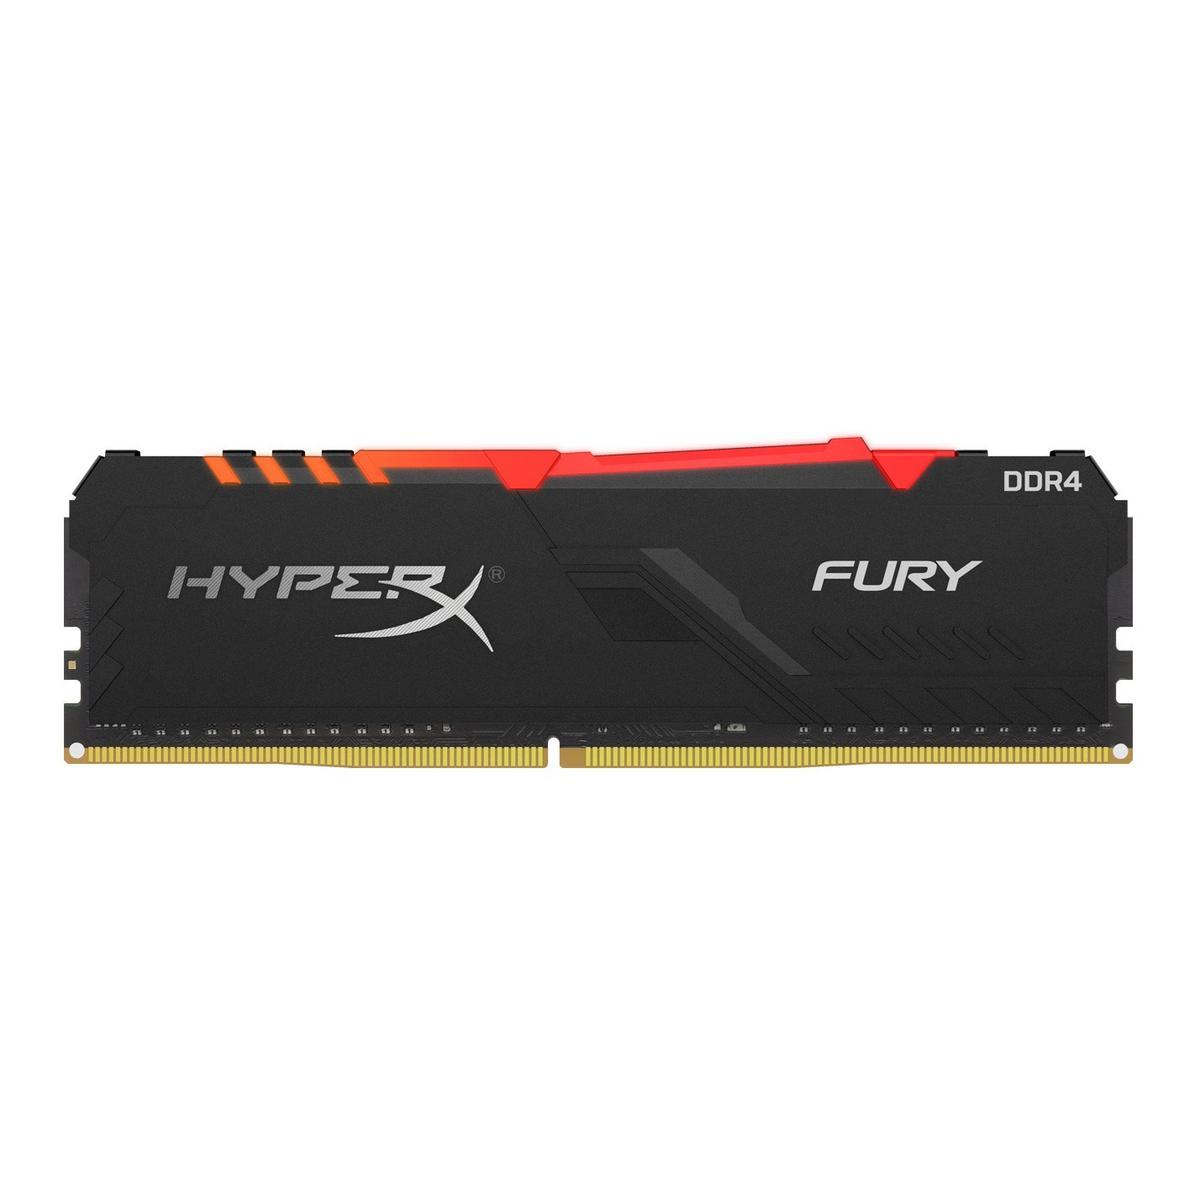 Kingston HyperX Fury RGB 16GB (1x16GB) DDR4-3200